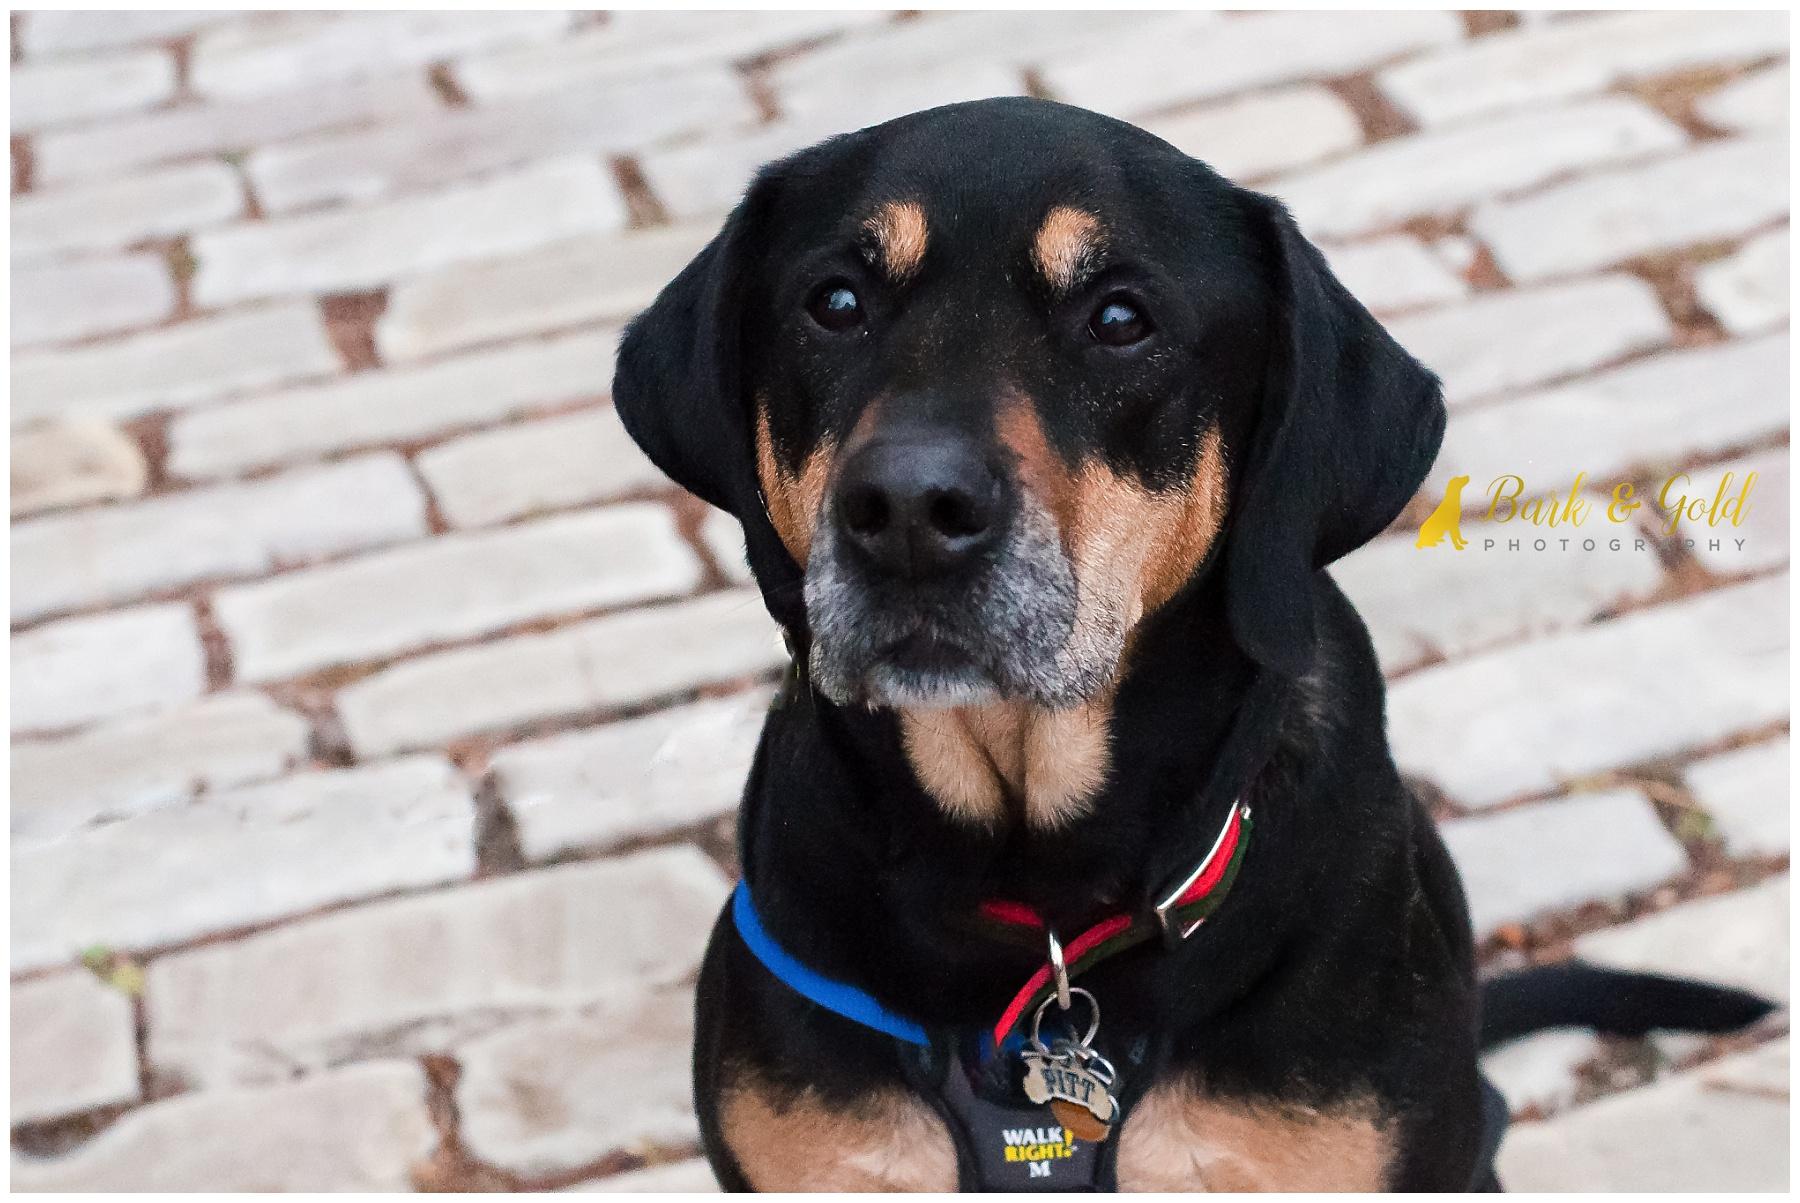 rottweiler-coonhound mix on cobblestone at schenley park in pittsburgh